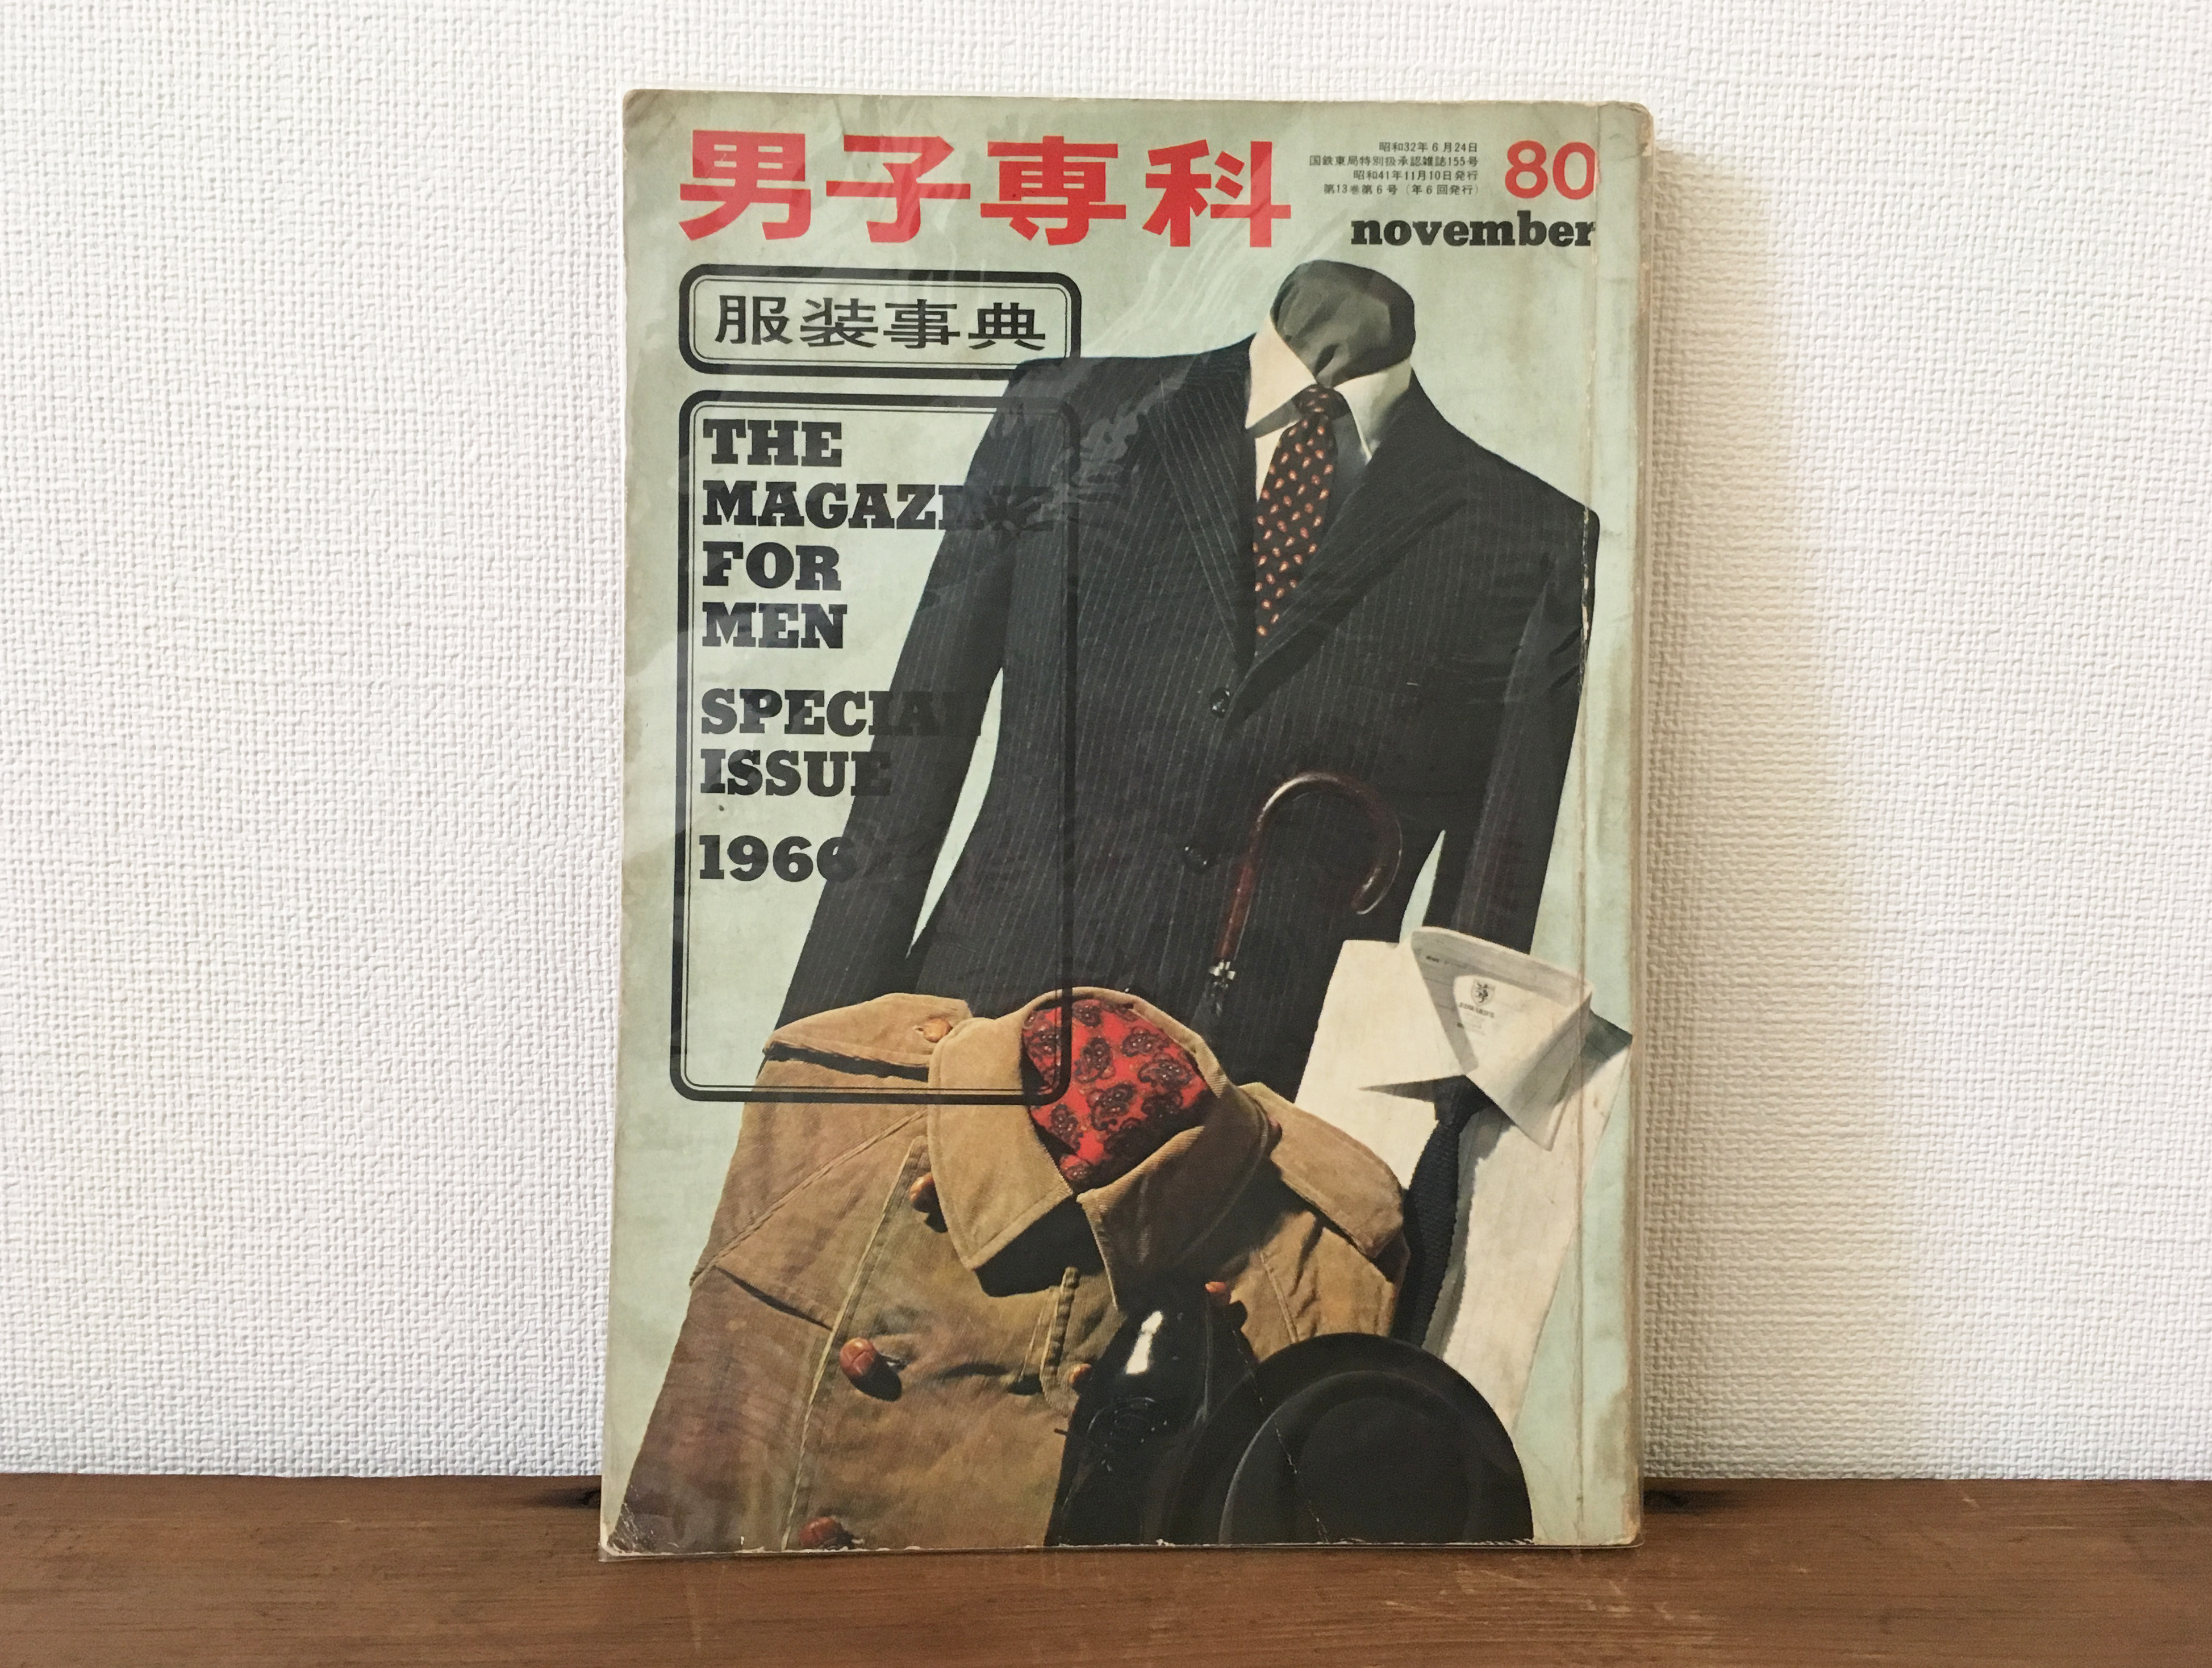 [古本]雑誌 男子専科 80号 / 1966年11月発行